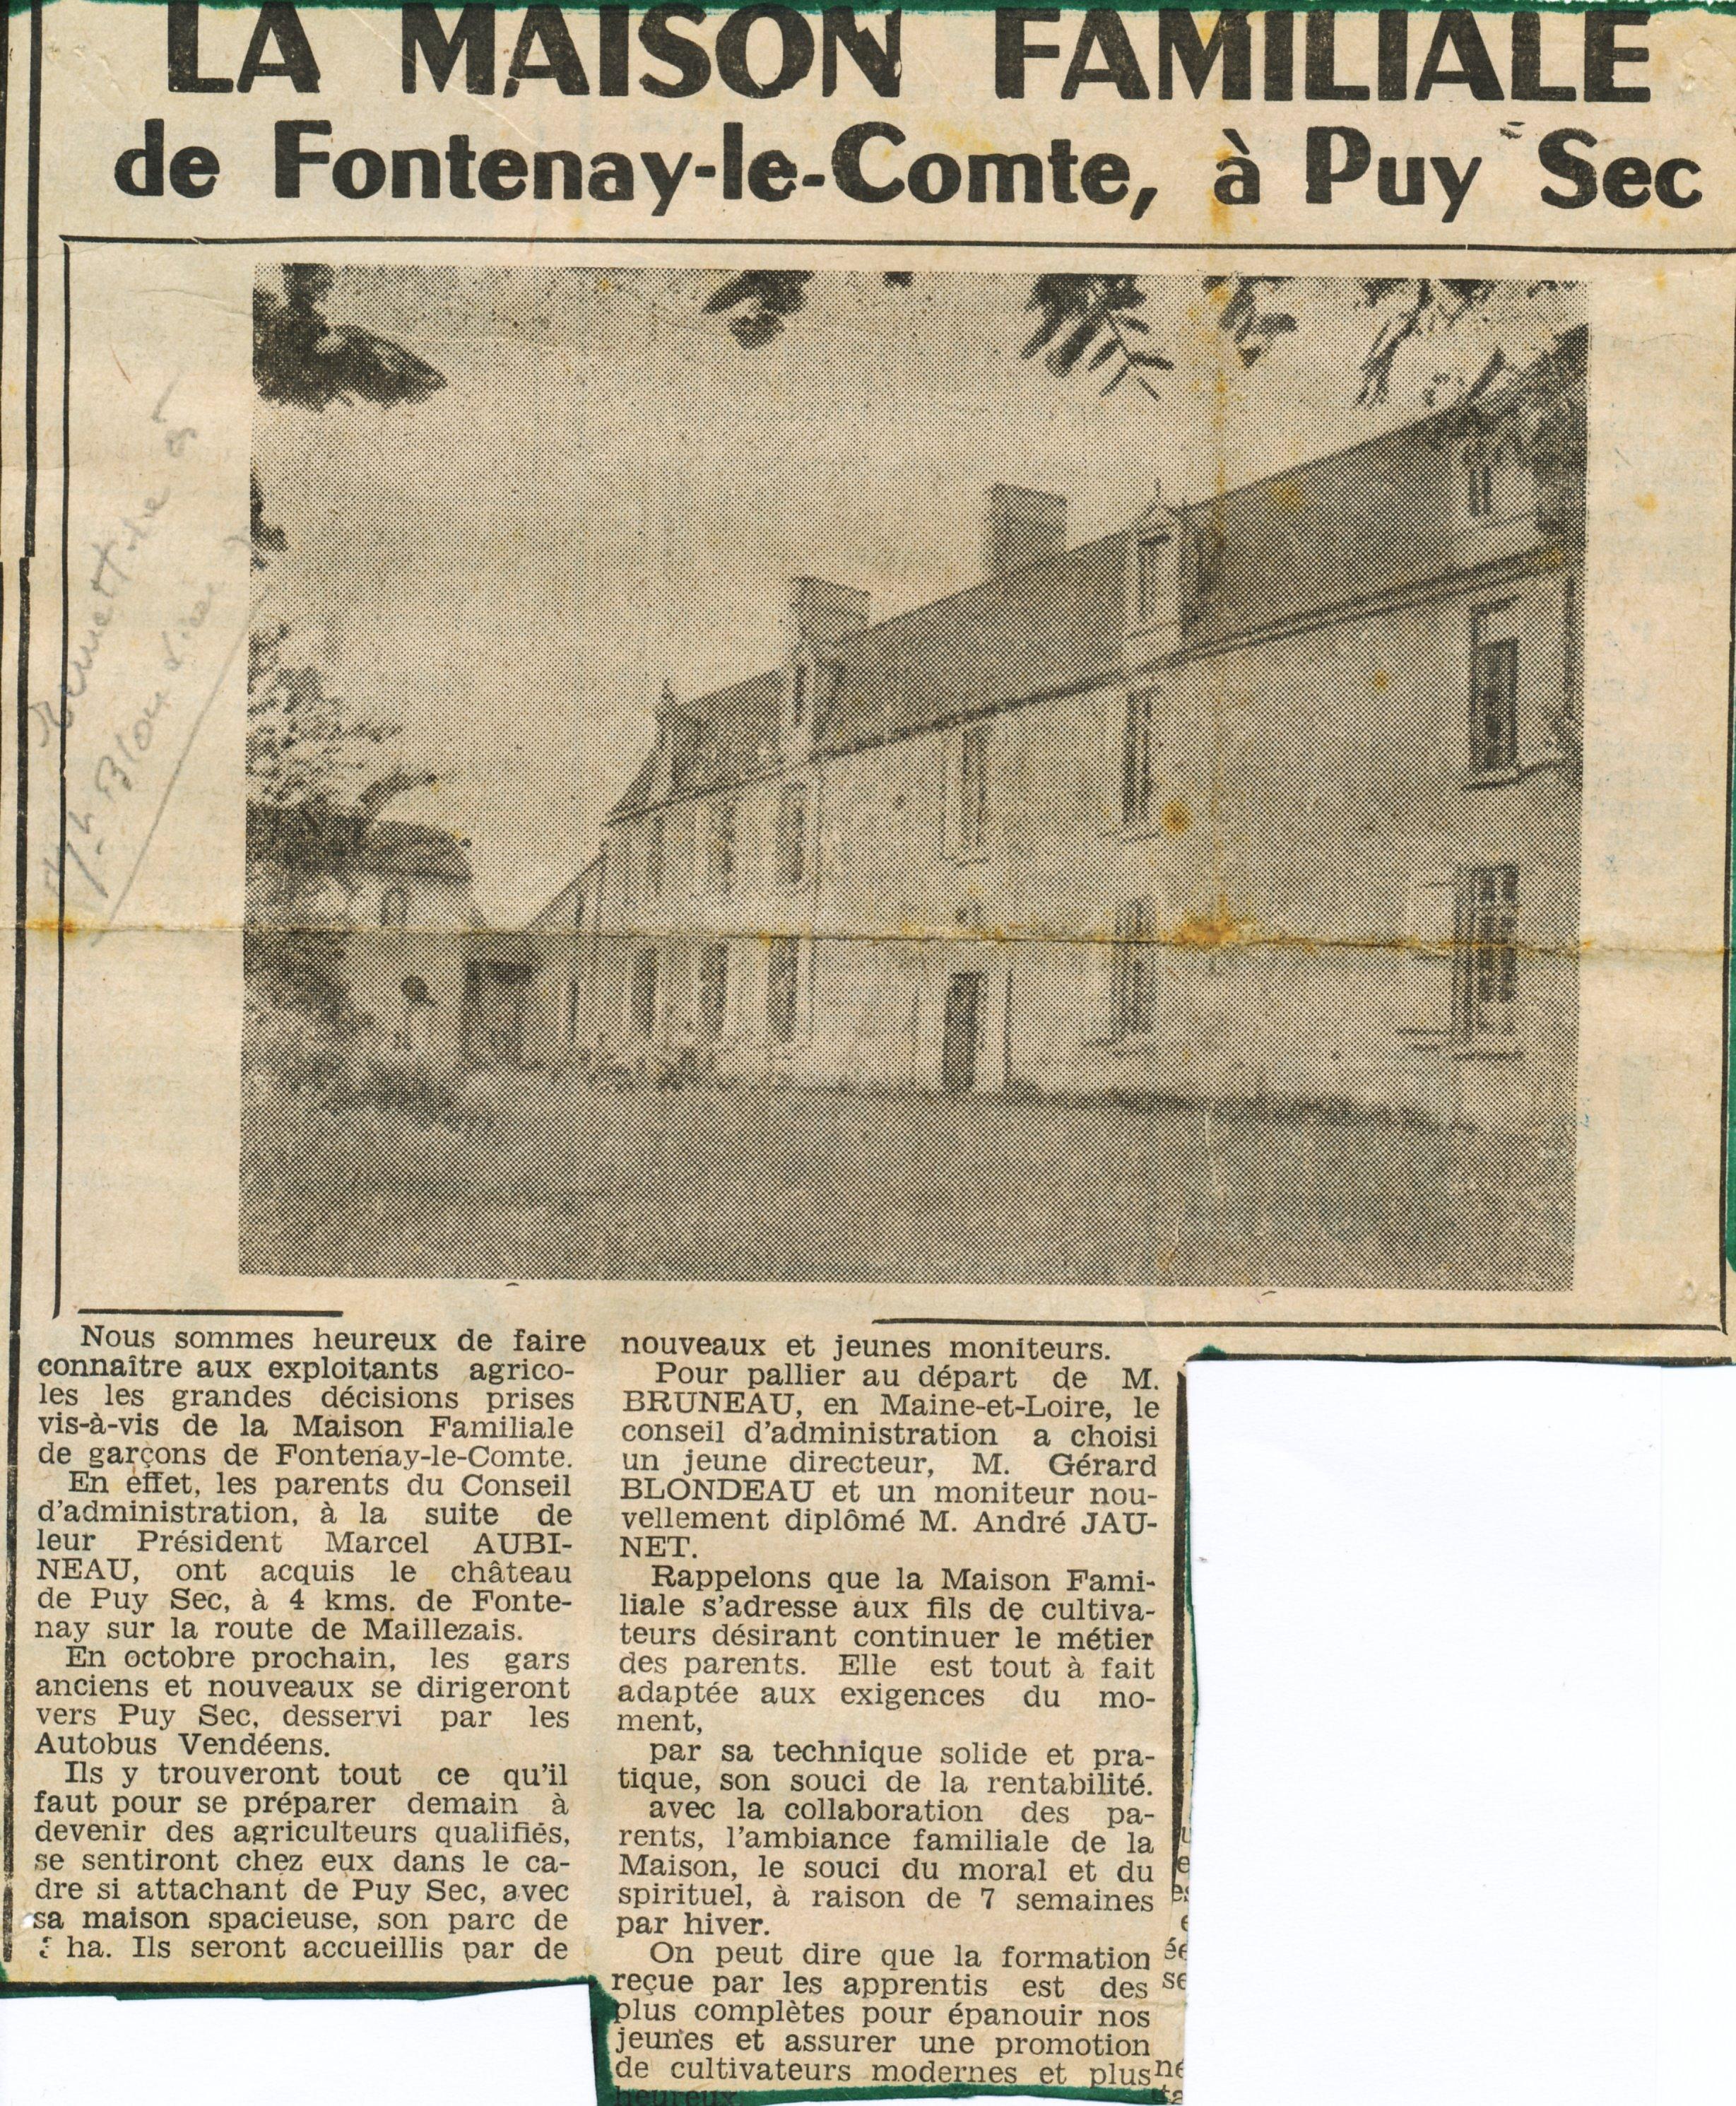 Archives anciens élèves mfr puysec 1954 article 1 rentrées